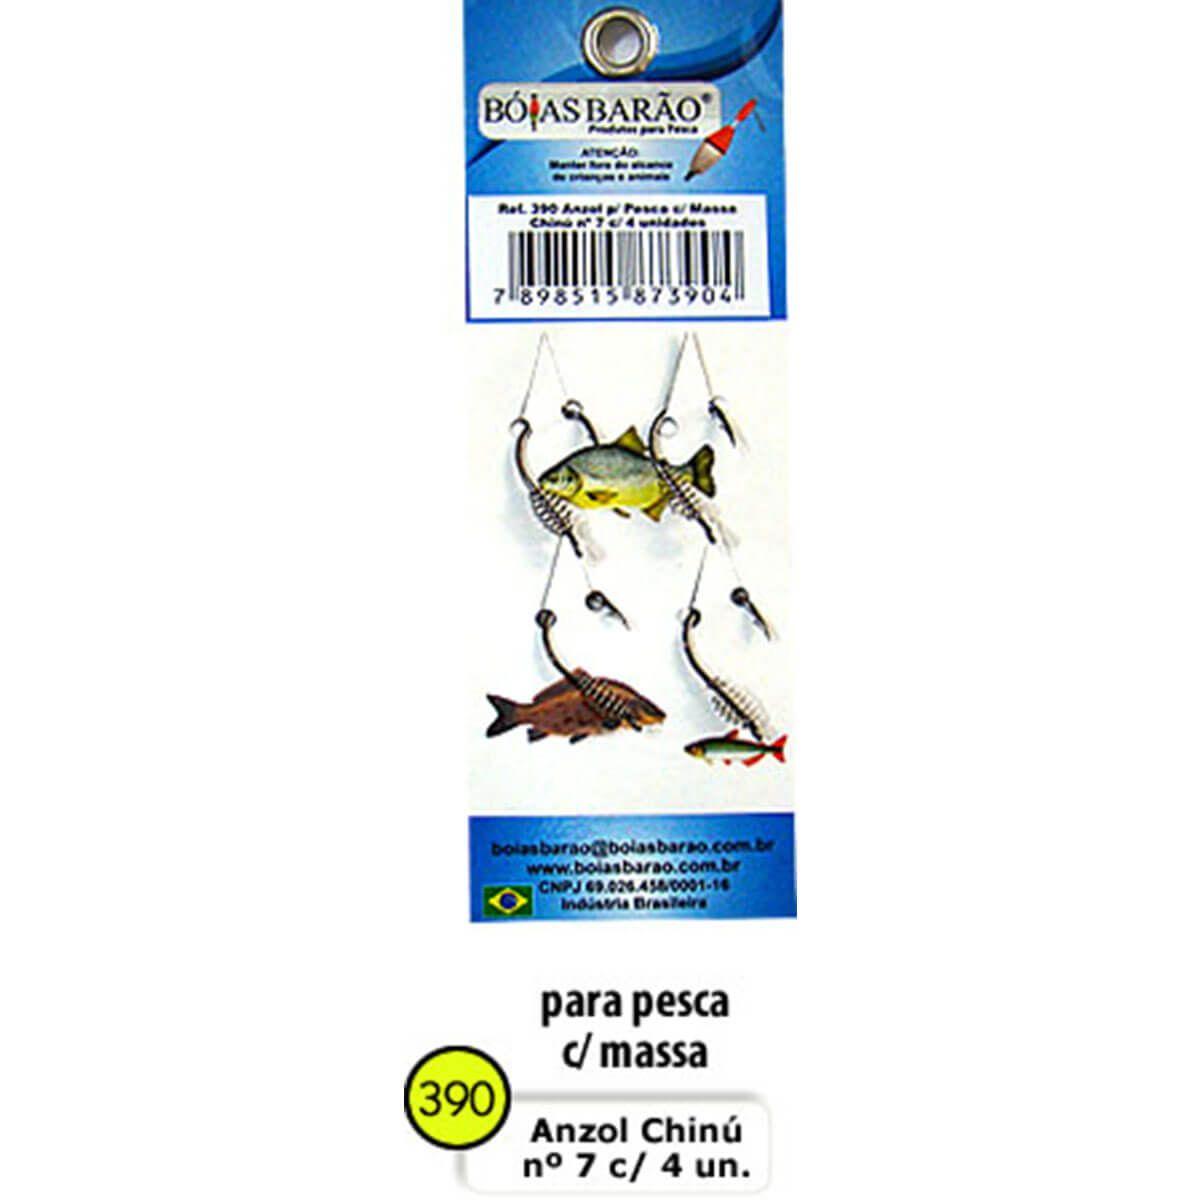 Anzol Maruseigo C/Mola para uso de massa Boias Barão 4 un